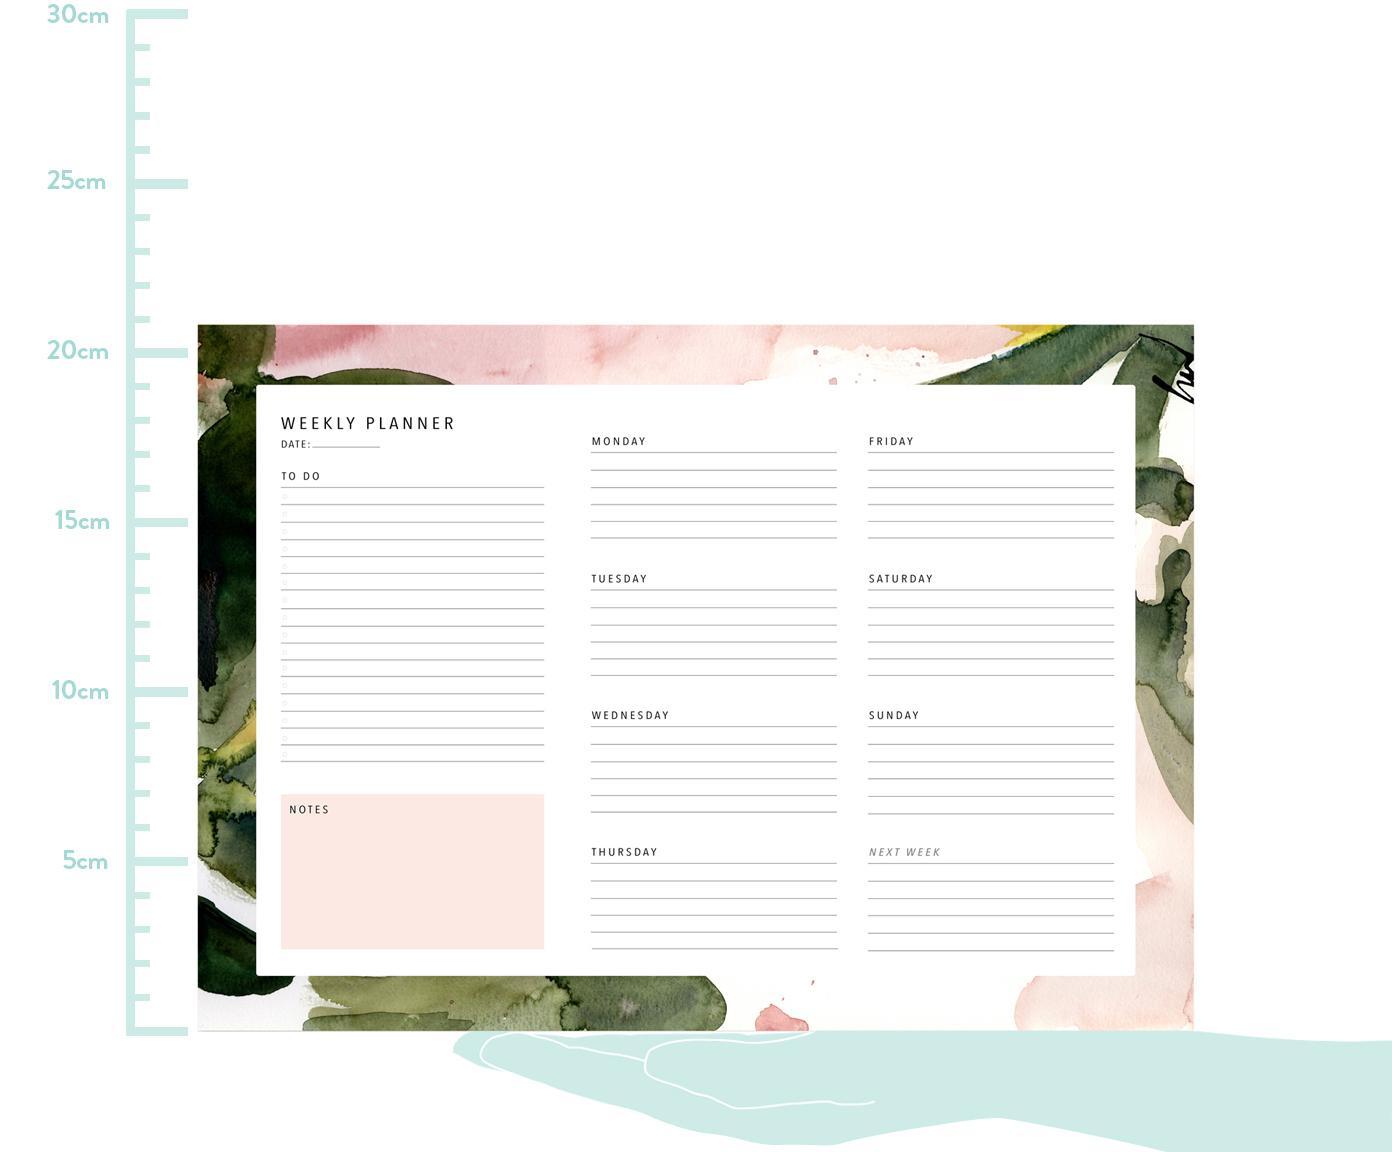 Wochenplaner Floral Colours, Papier, Rosa, Grün, Weiß, 30 x 21 cm